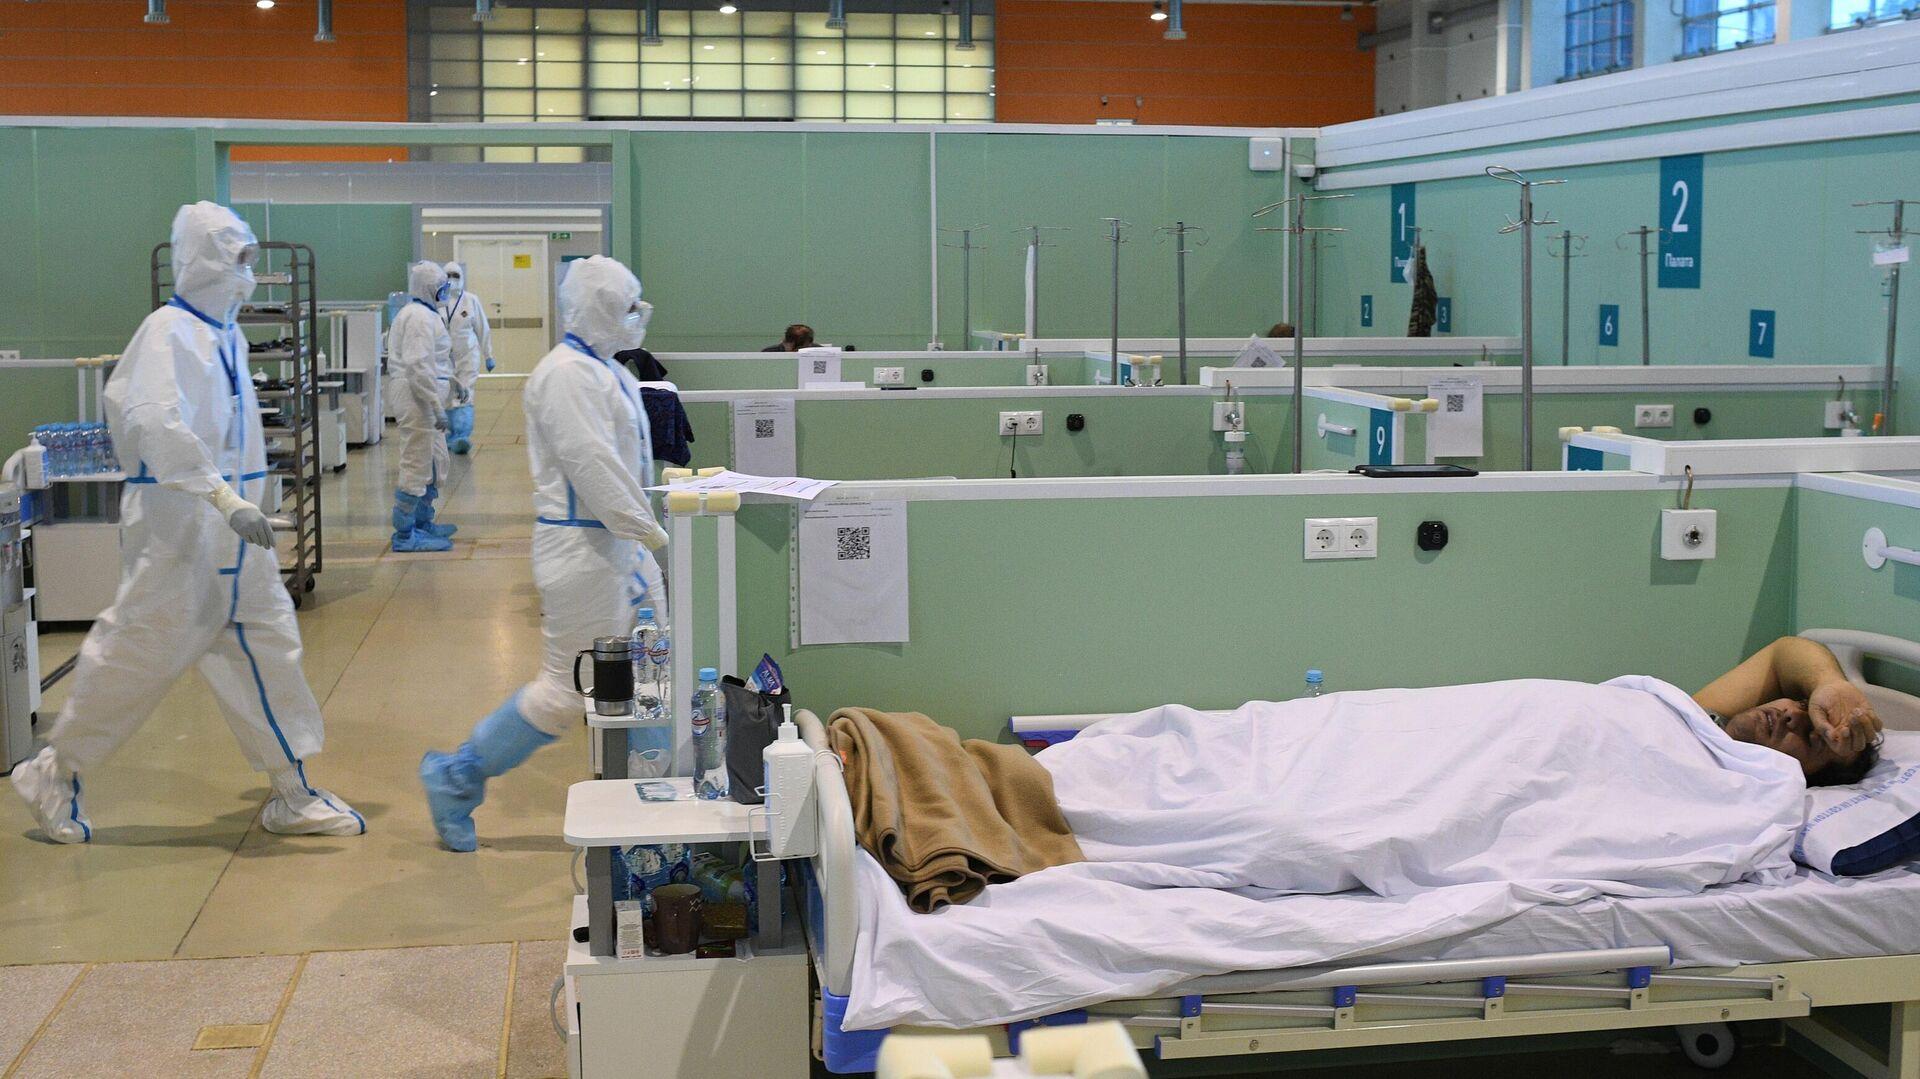 Медицинские работники и пациент во временном госпитале COVID-19 на ВДНХ в Москве - РИА Новости, 1920, 13.06.2021